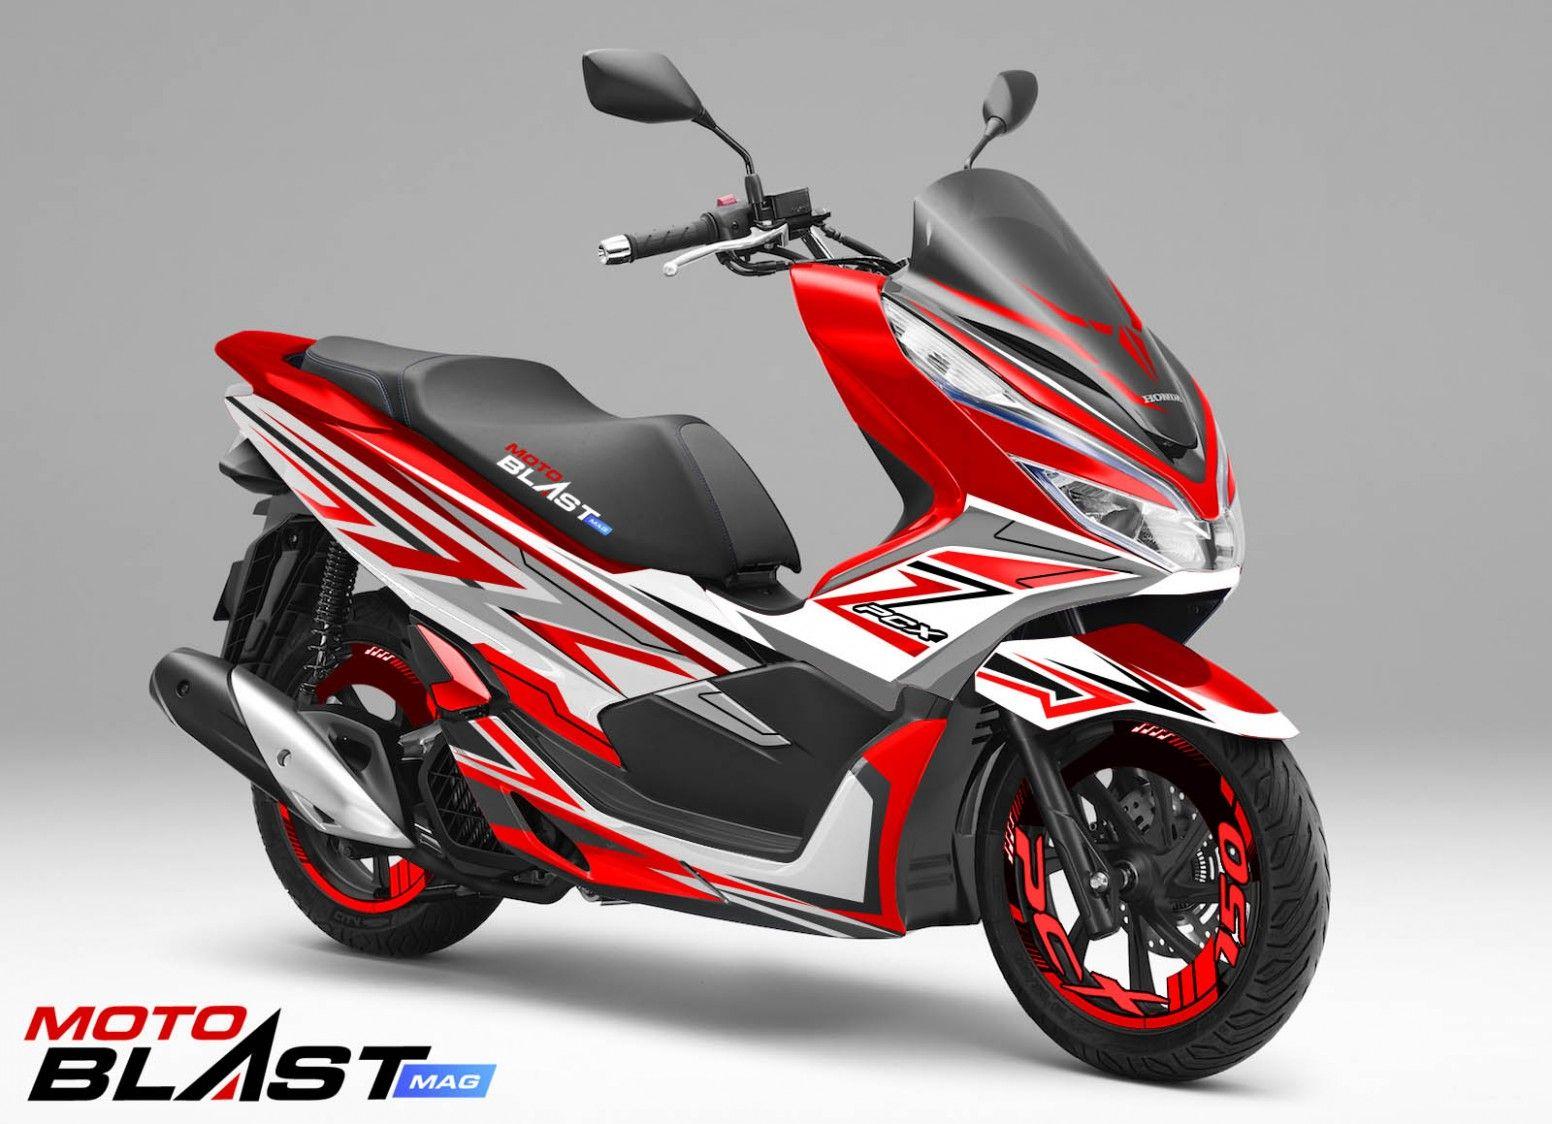 2020 Honda Pcx 150 Accessories First Drive Honda, First